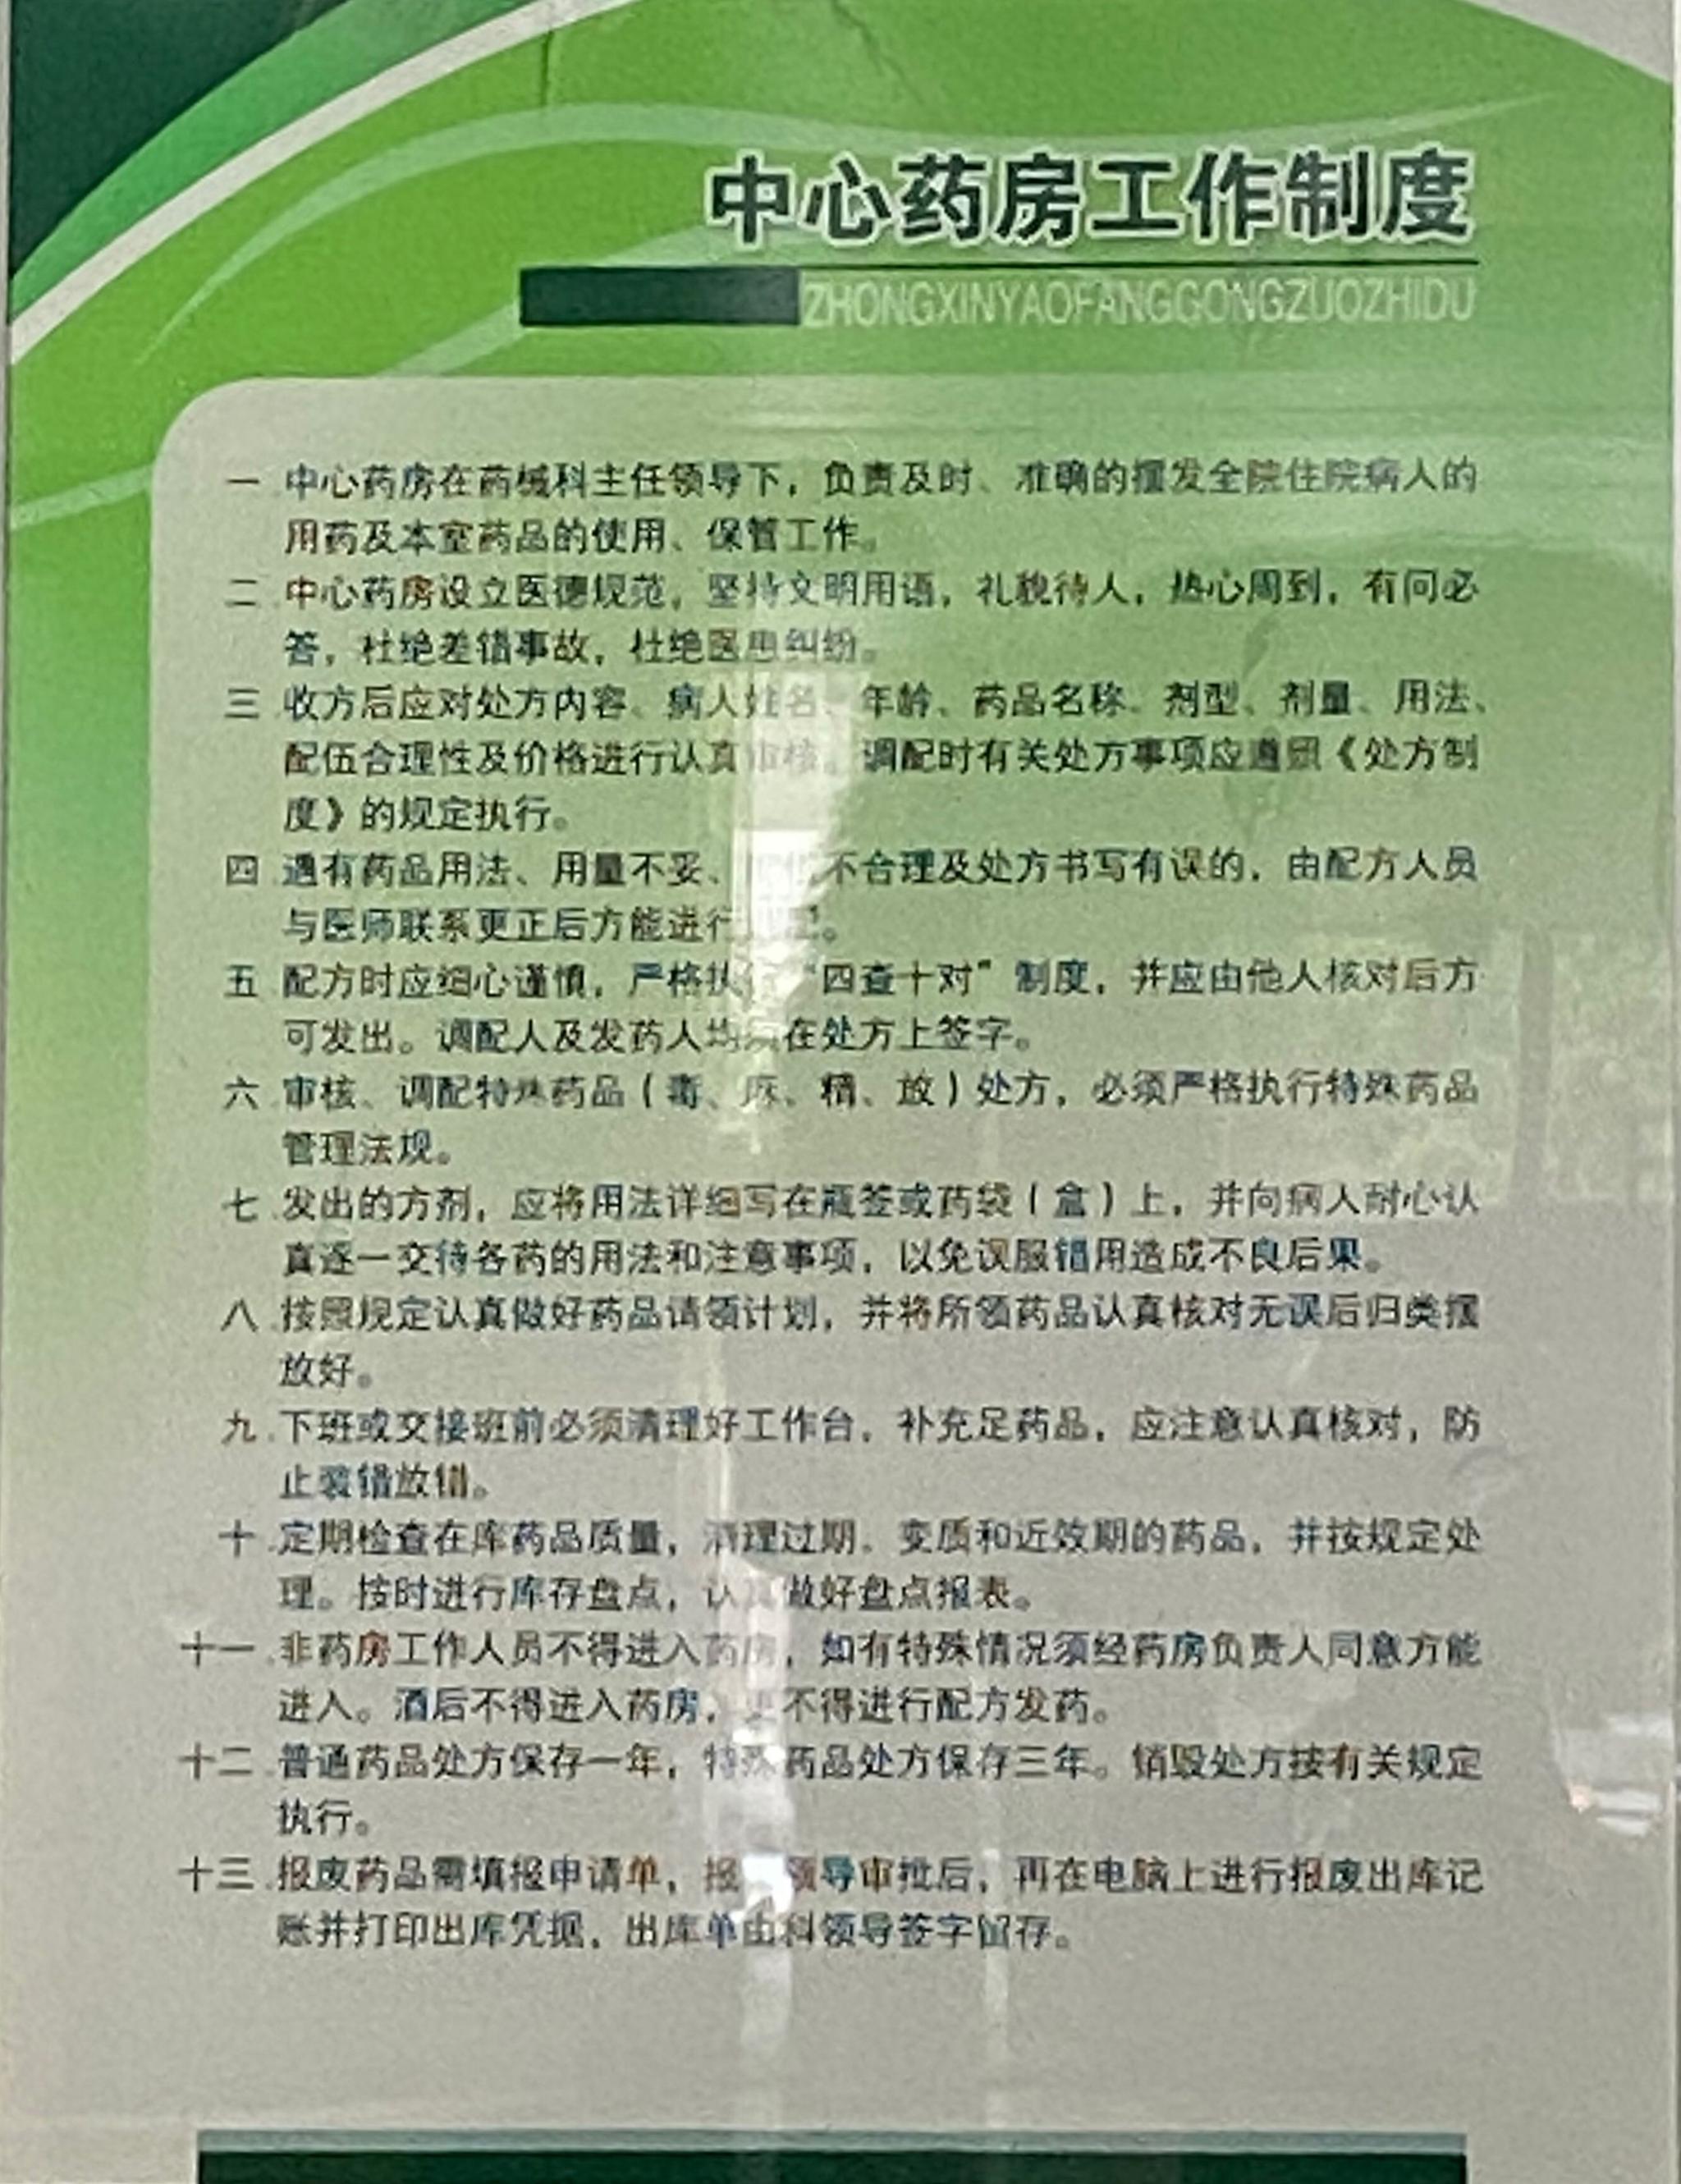 2020年11月3日,904医院常州院区住院部中心药房墙上的工作制度。新京报记者 张宇轩 摄